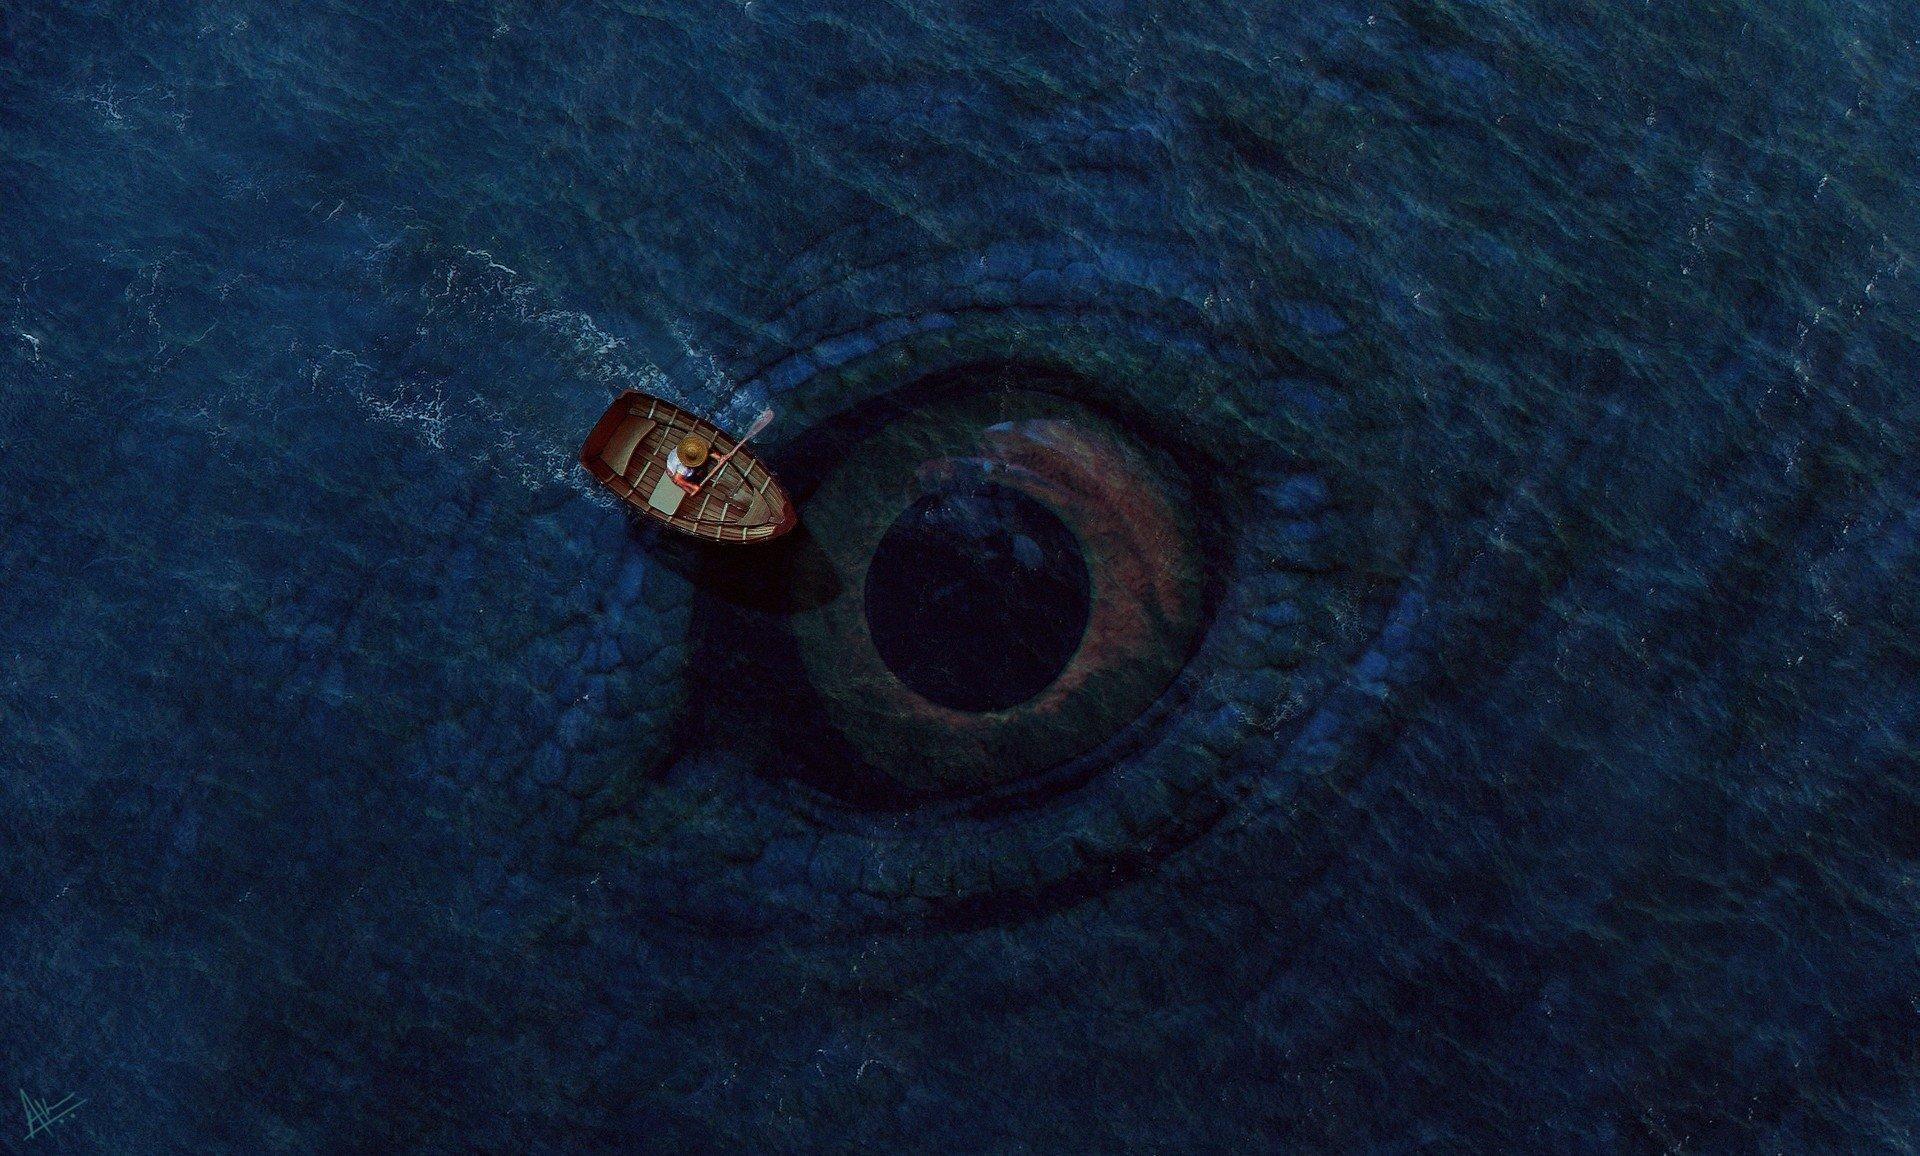 монстр, море, океан